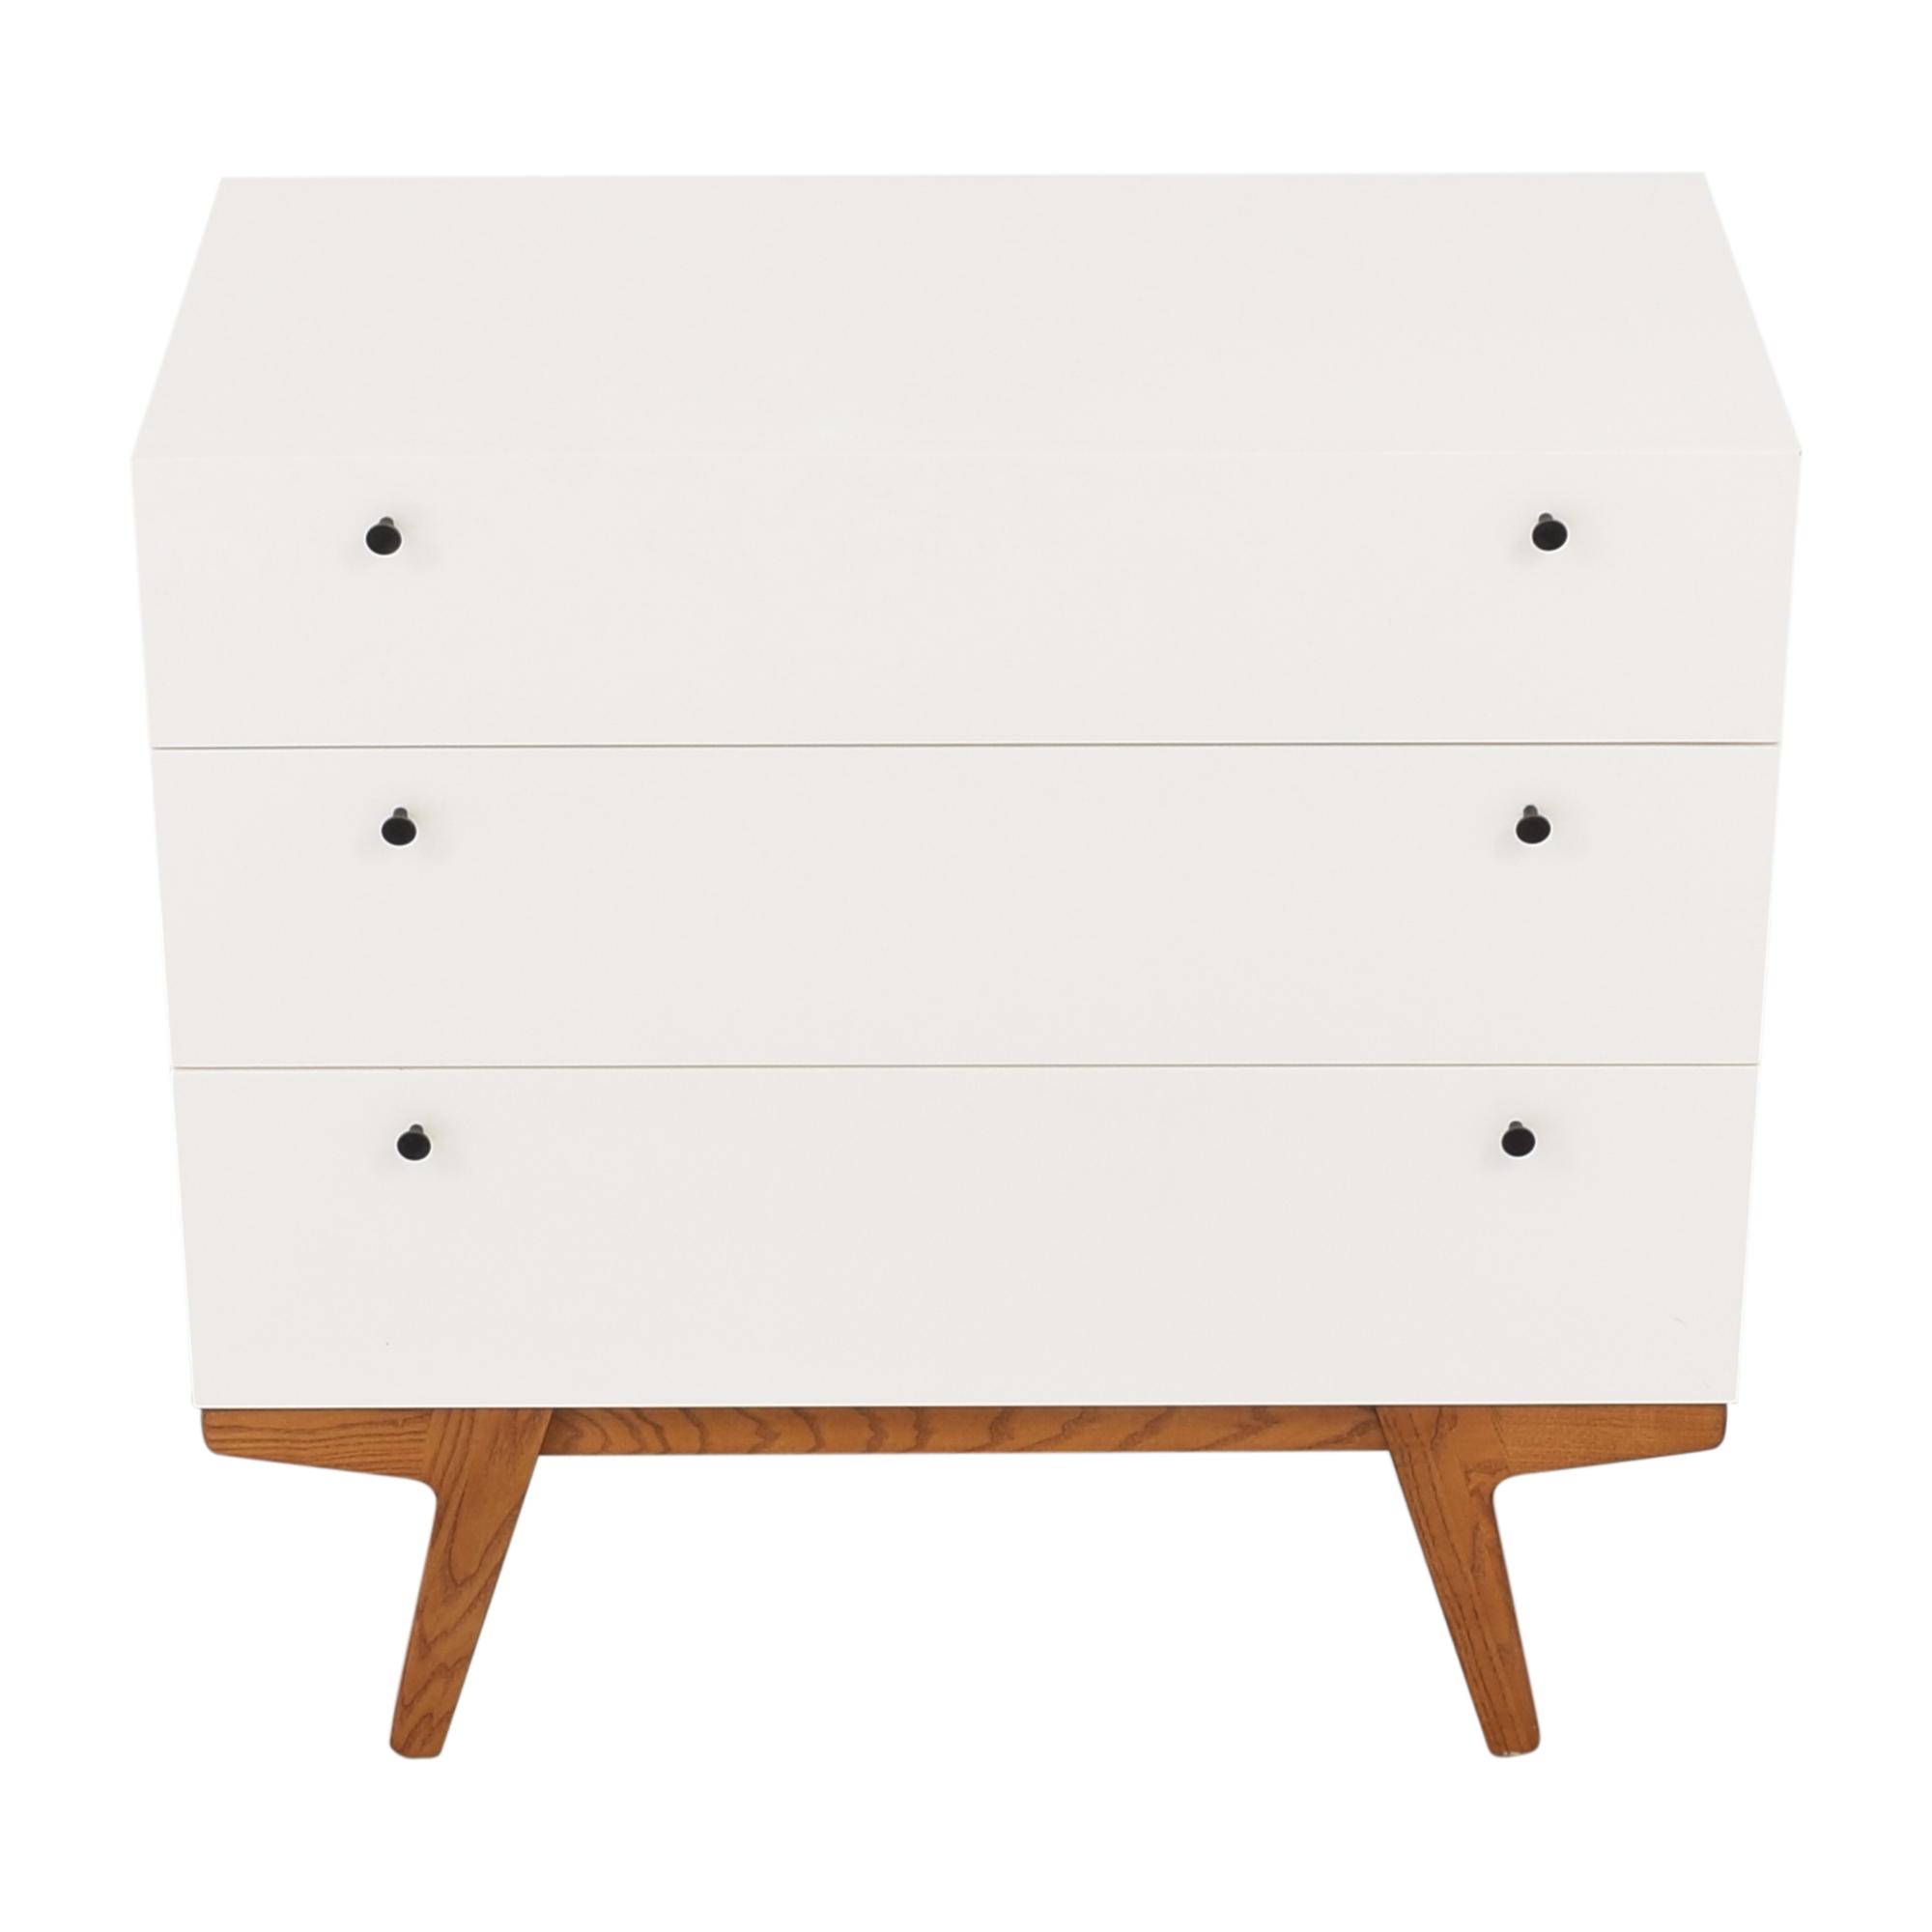 West Elm Modern 3 Drawer Dresser / Storage